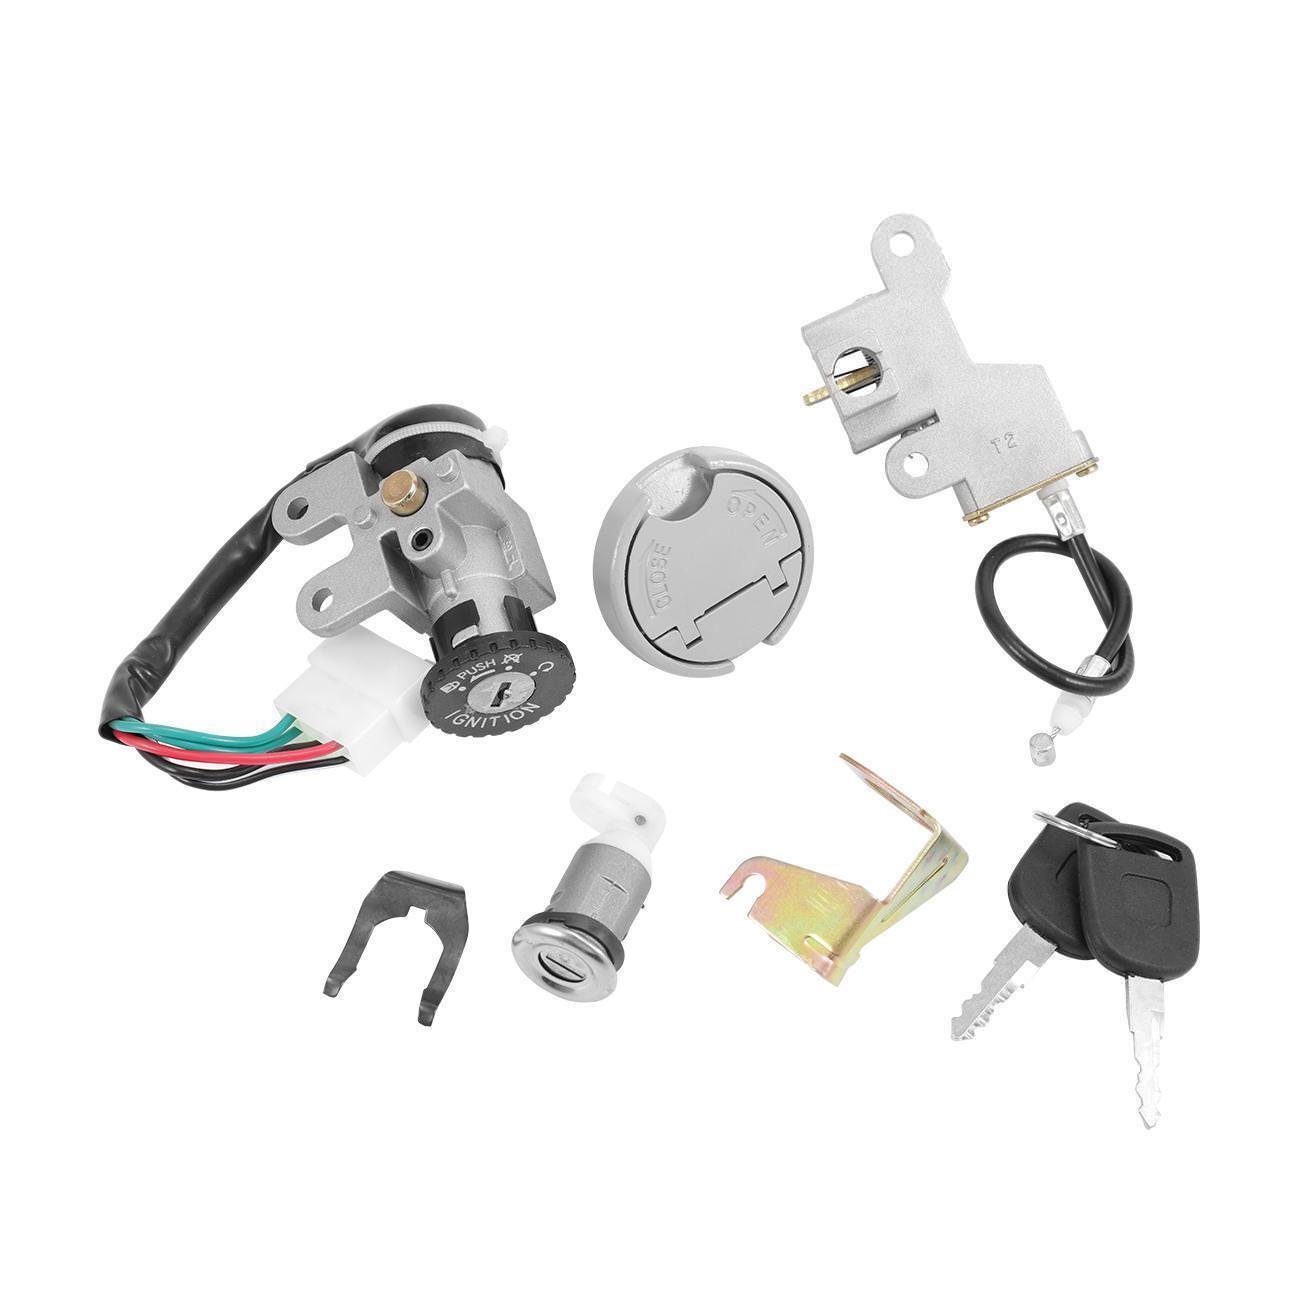 Ключ зажигания, 5 проводов, переключатель зажигания для скутера, набор контактных ключей для мопеда 110 150cc 49 50 cc TaoTao Peace Roketa Jonway